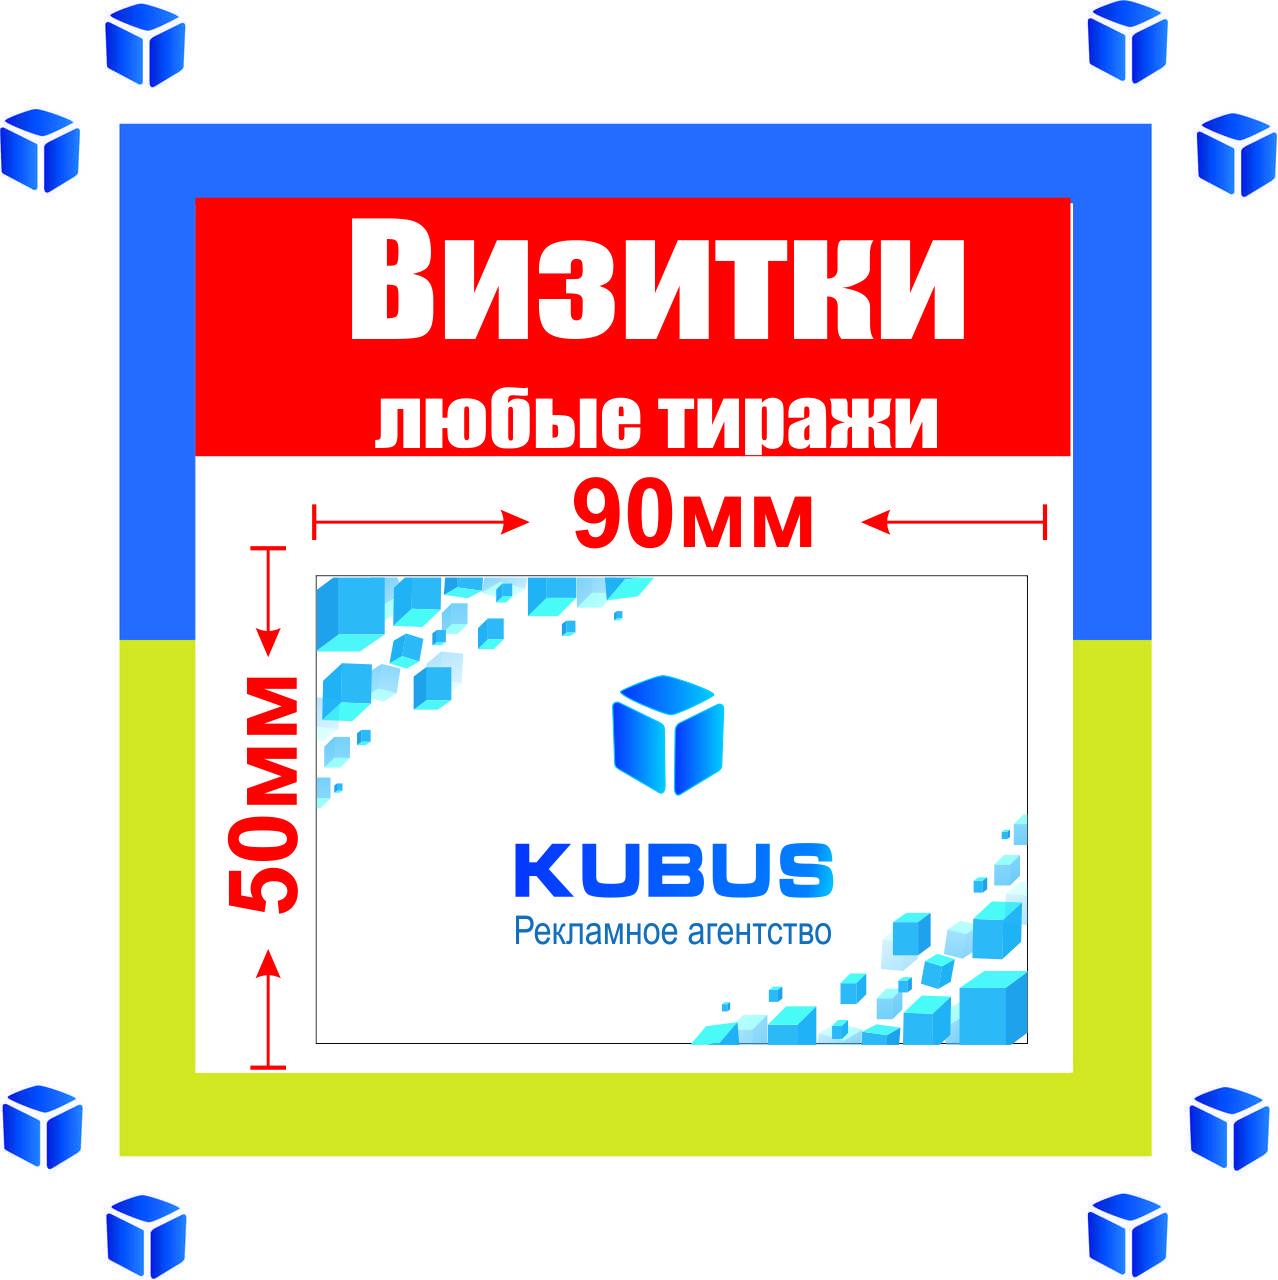 Визитки цветные двухсторонние 500 шт(любые тиражи, защитный лак матовый/ 3 дня )